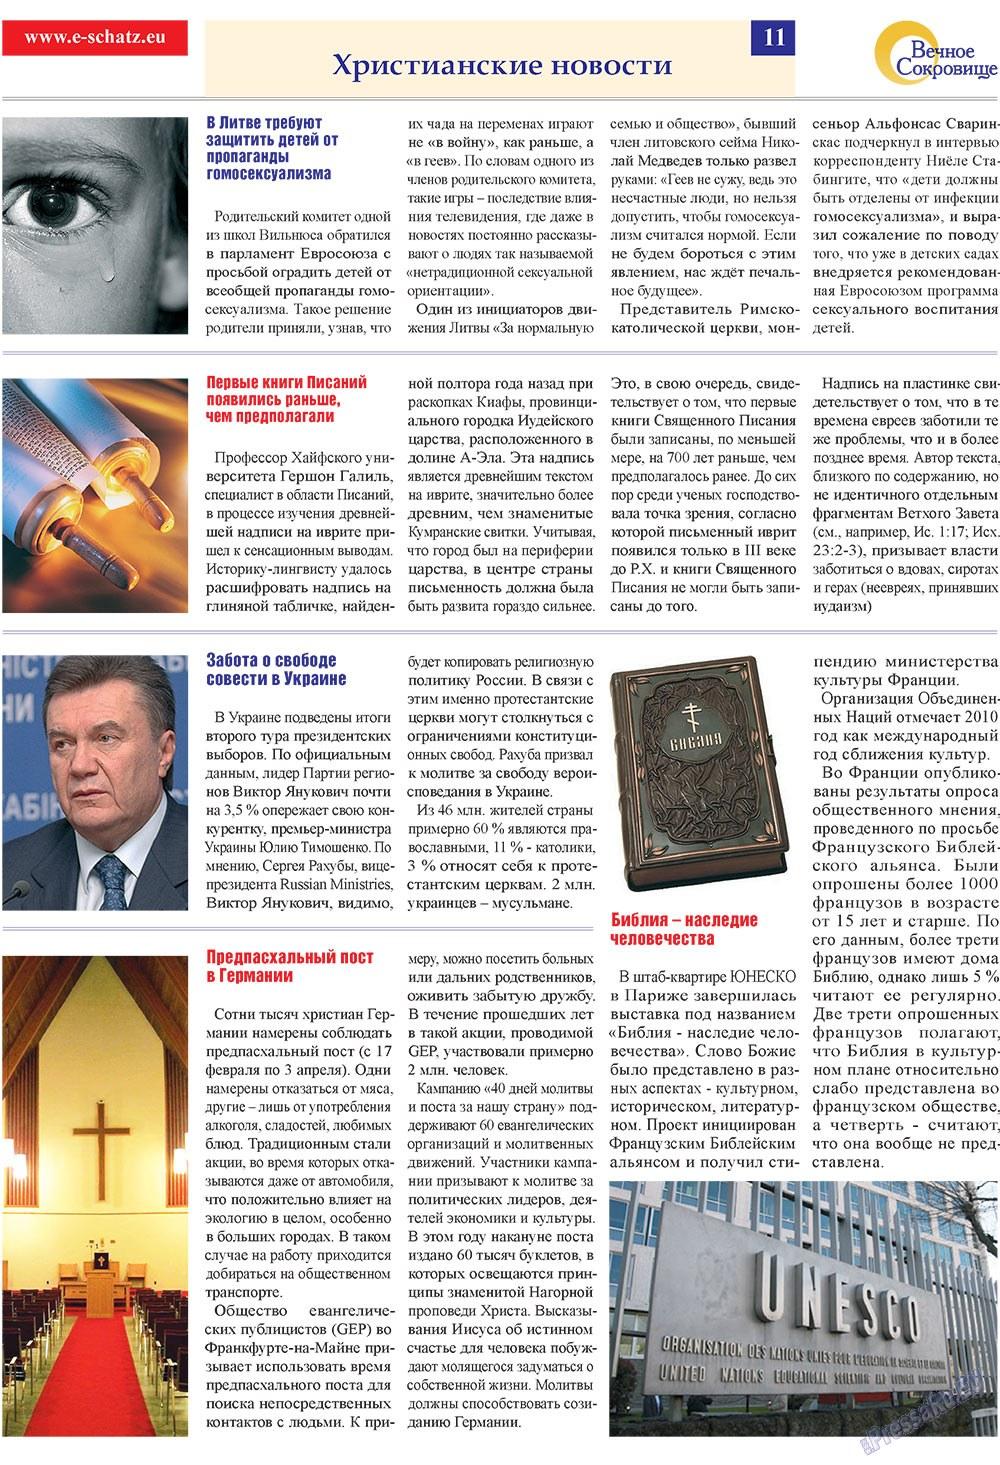 Вечное сокровище (газета). 2010 год, номер 1, стр. 11